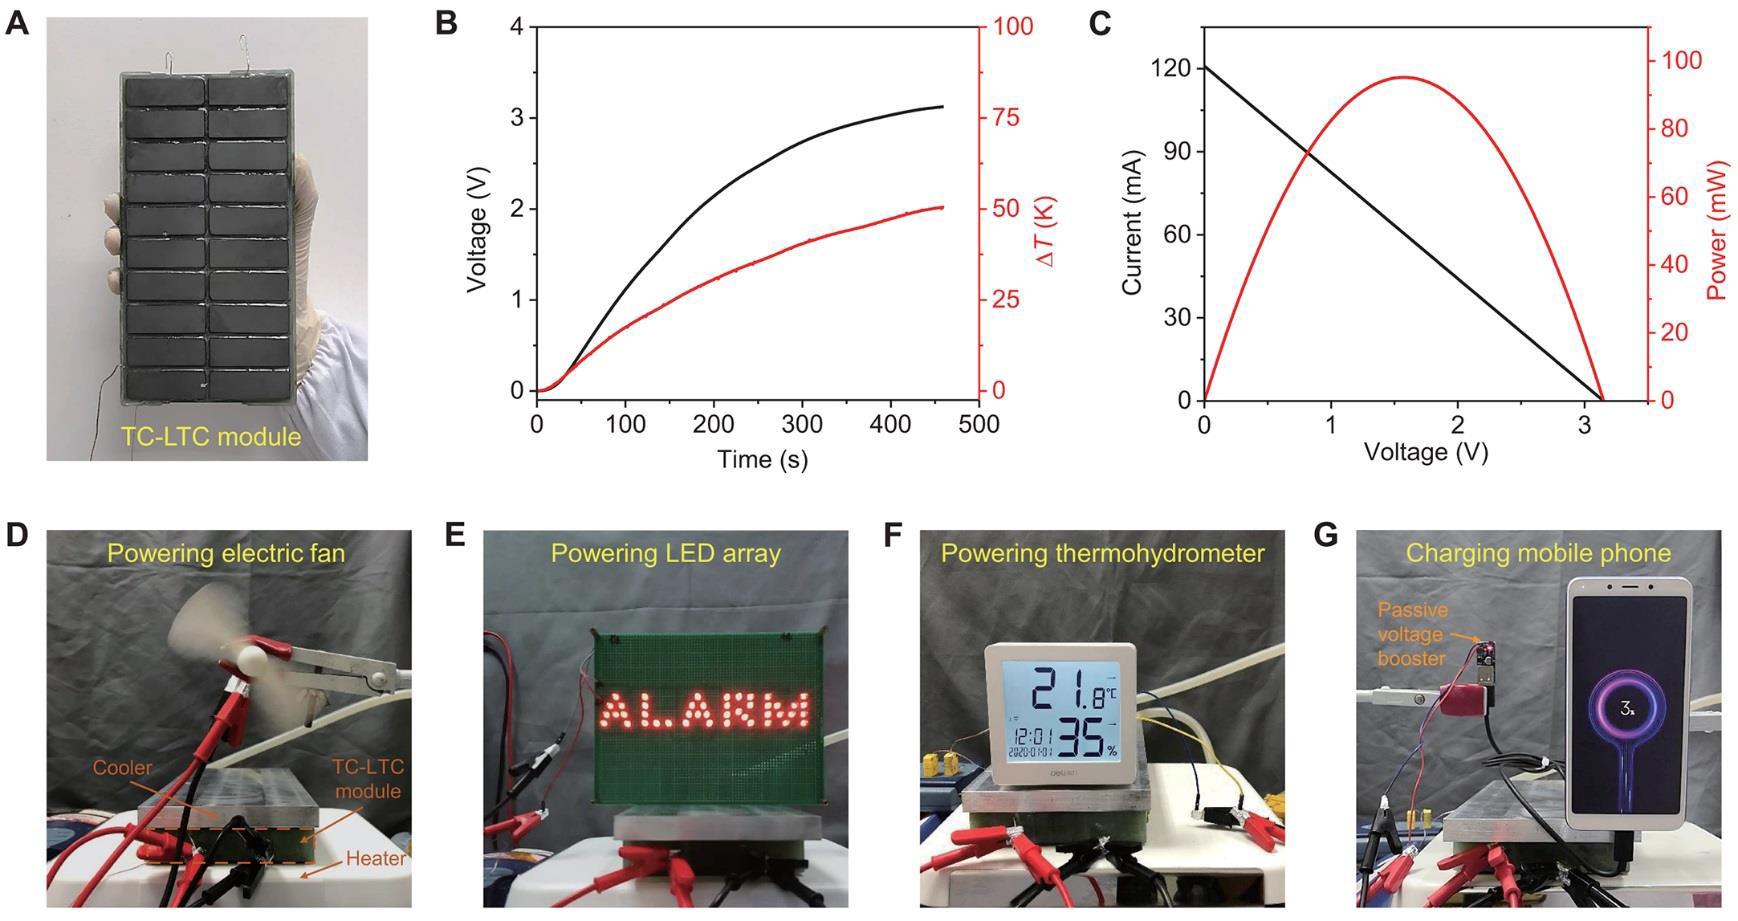 """Демонстрация работы жидкостной термоячейки скристаллизацией (TC-LTC). <a href=""""https://science.sciencemag.org/content/early/2020/09/09/science.abd6749"""">Jun Zhou et al., <i>Science, eabd6749 (2020)</i></a>."""